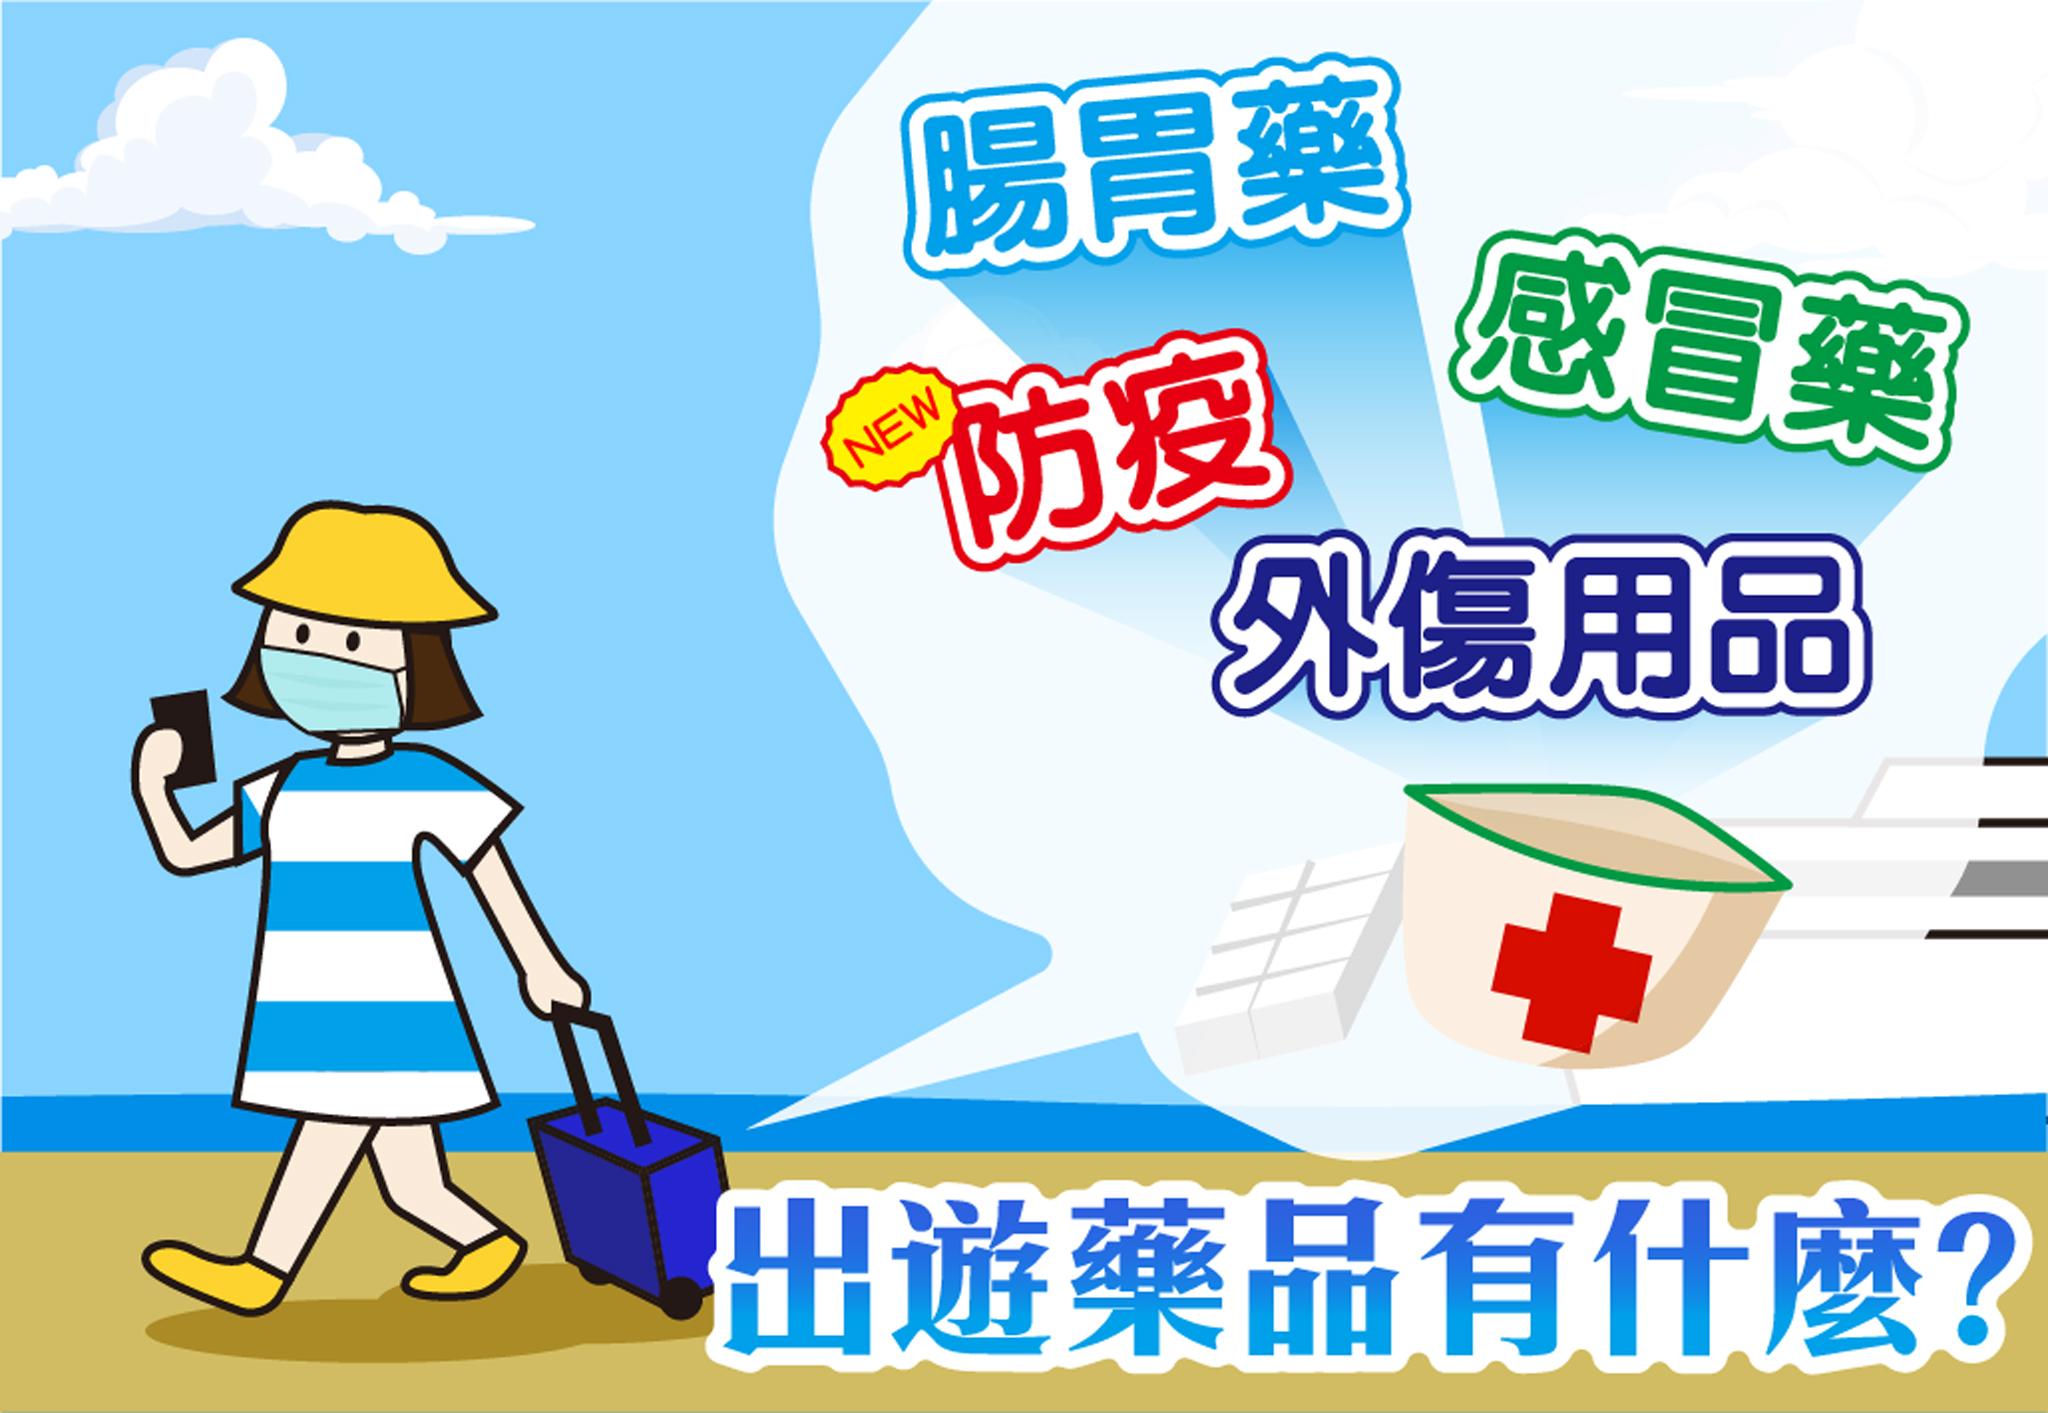 出遊常備藥品:腸胃藥、感冒藥、防疫、外傷用品。